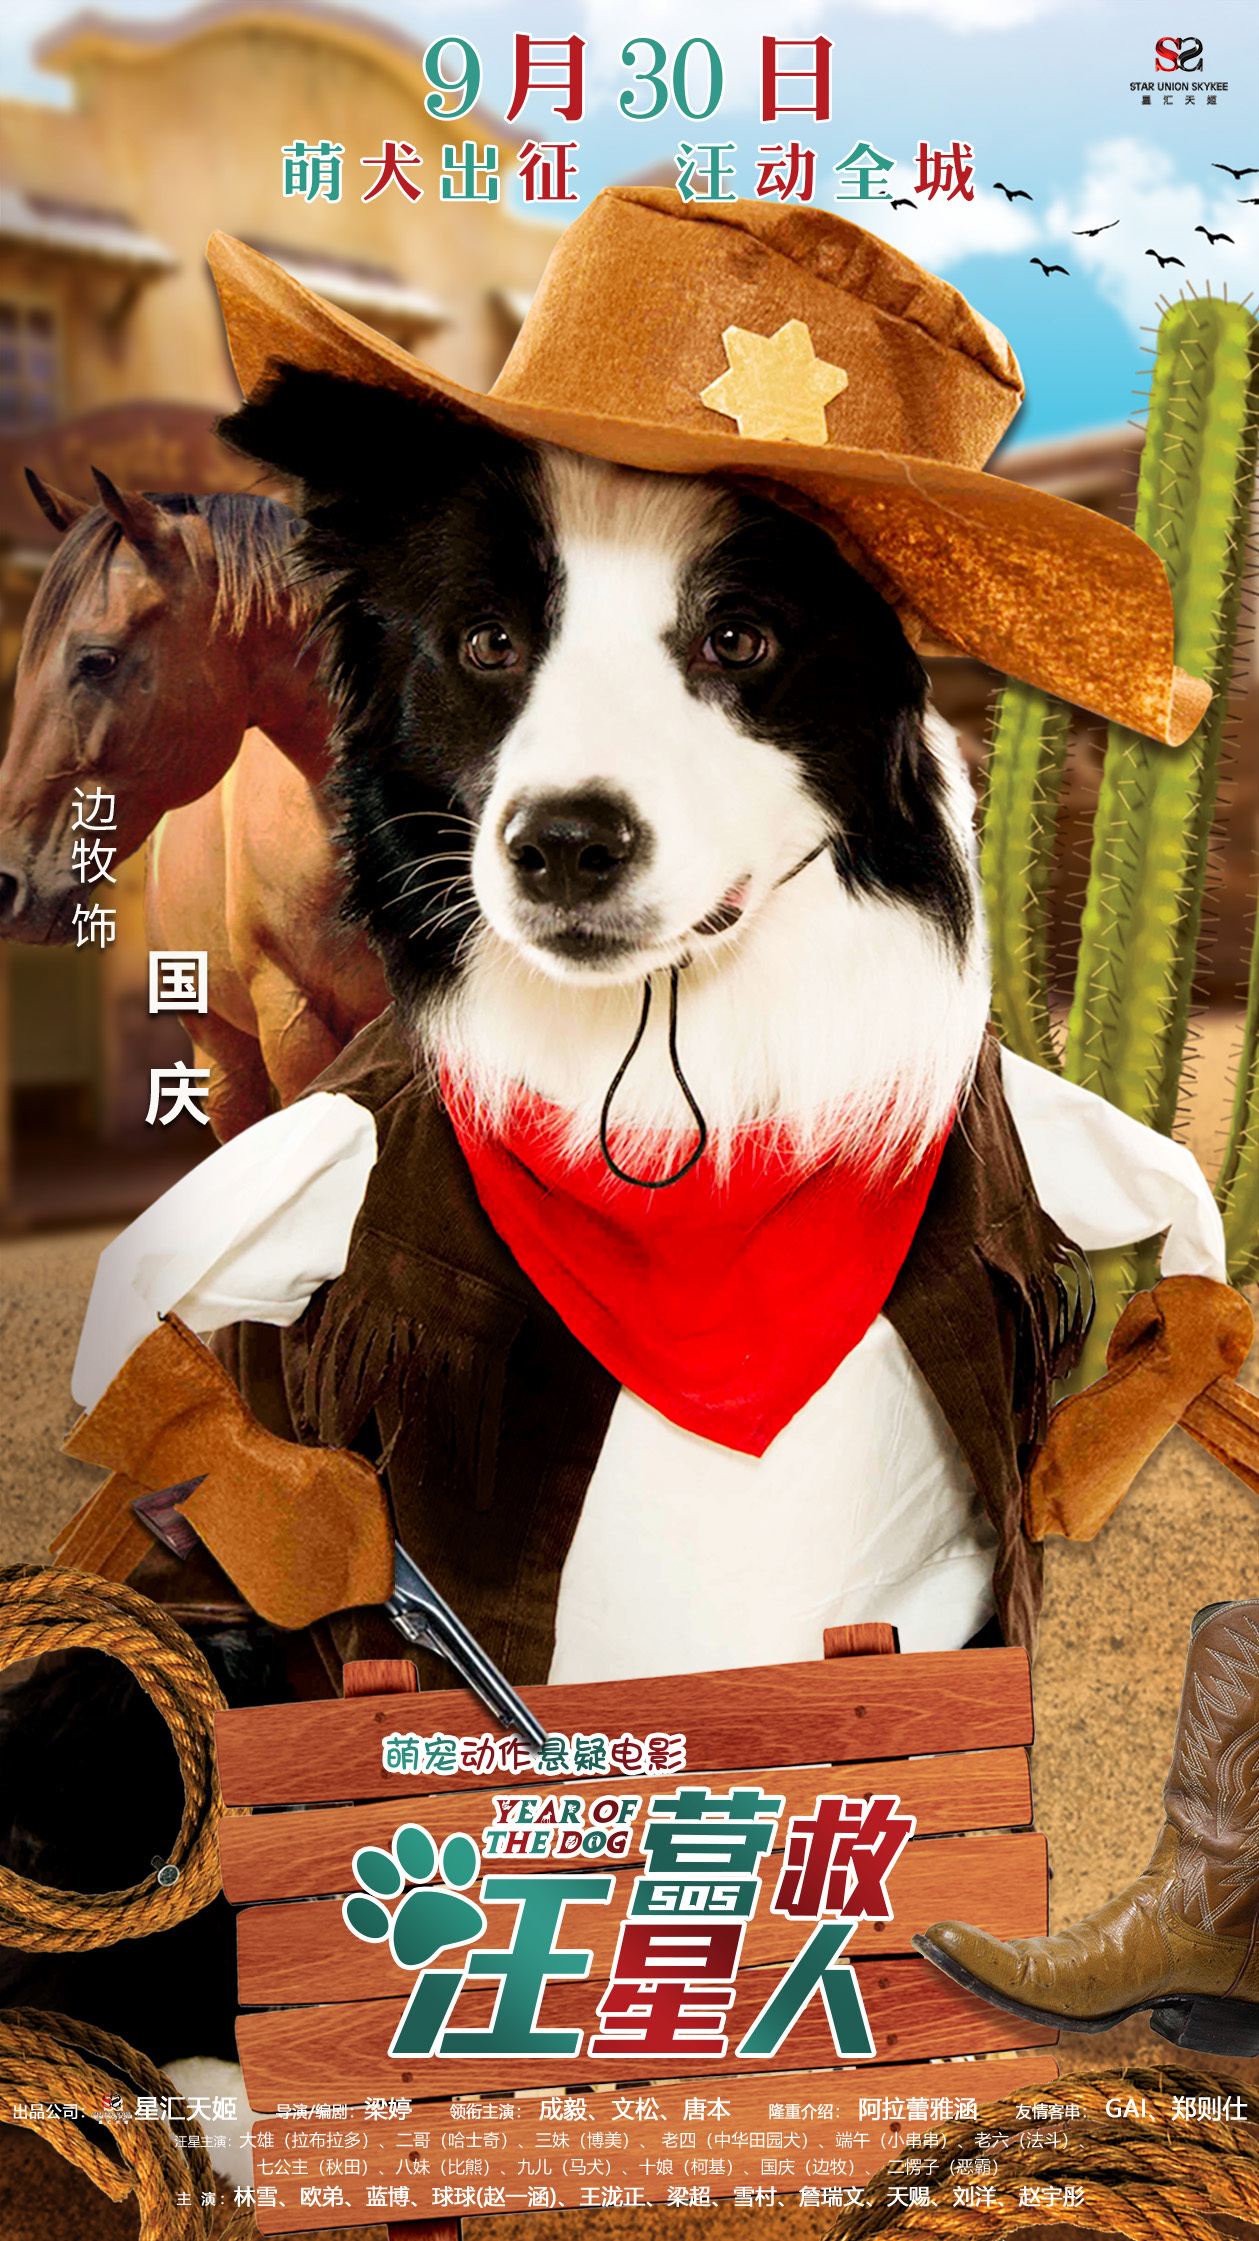 《营救汪星人》曝新海报 国庆档唯一宠物合家欢类型